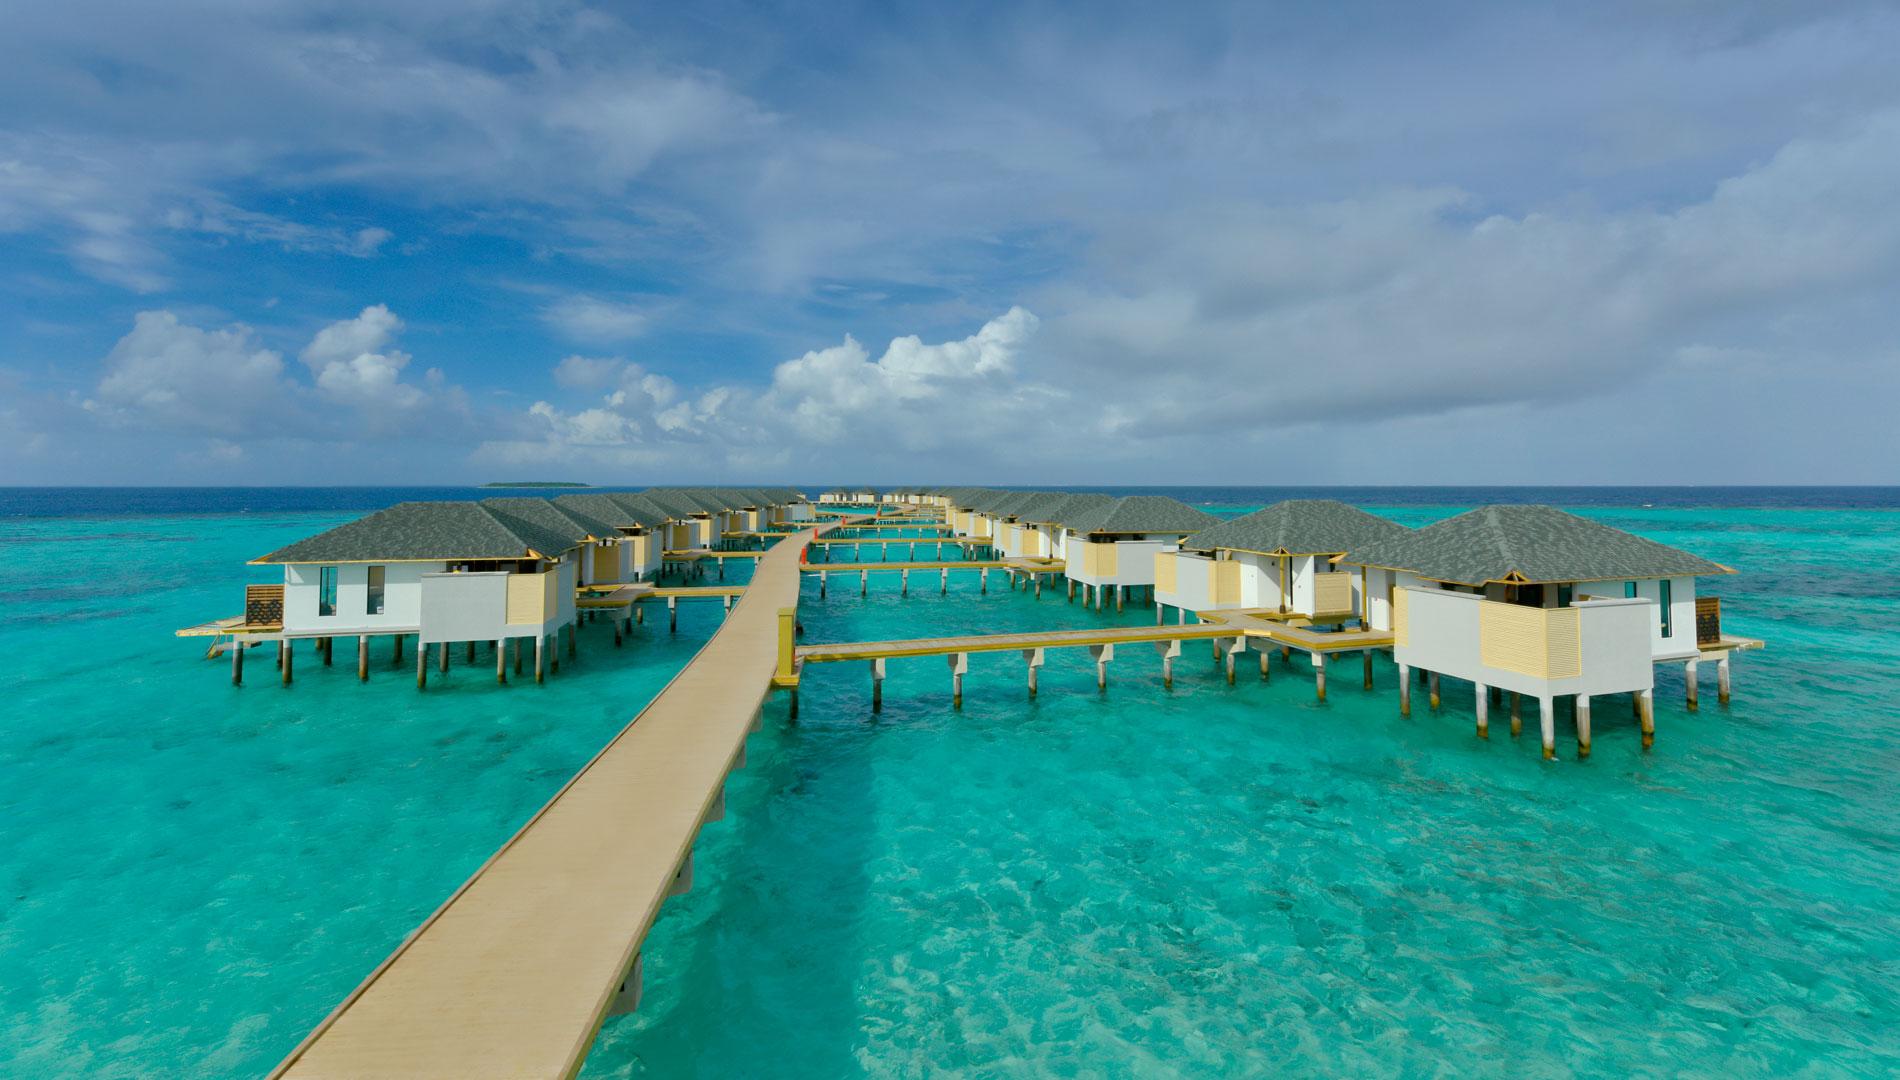 The Complete Experience in Amari Havodda Maldive's Overwater Villa